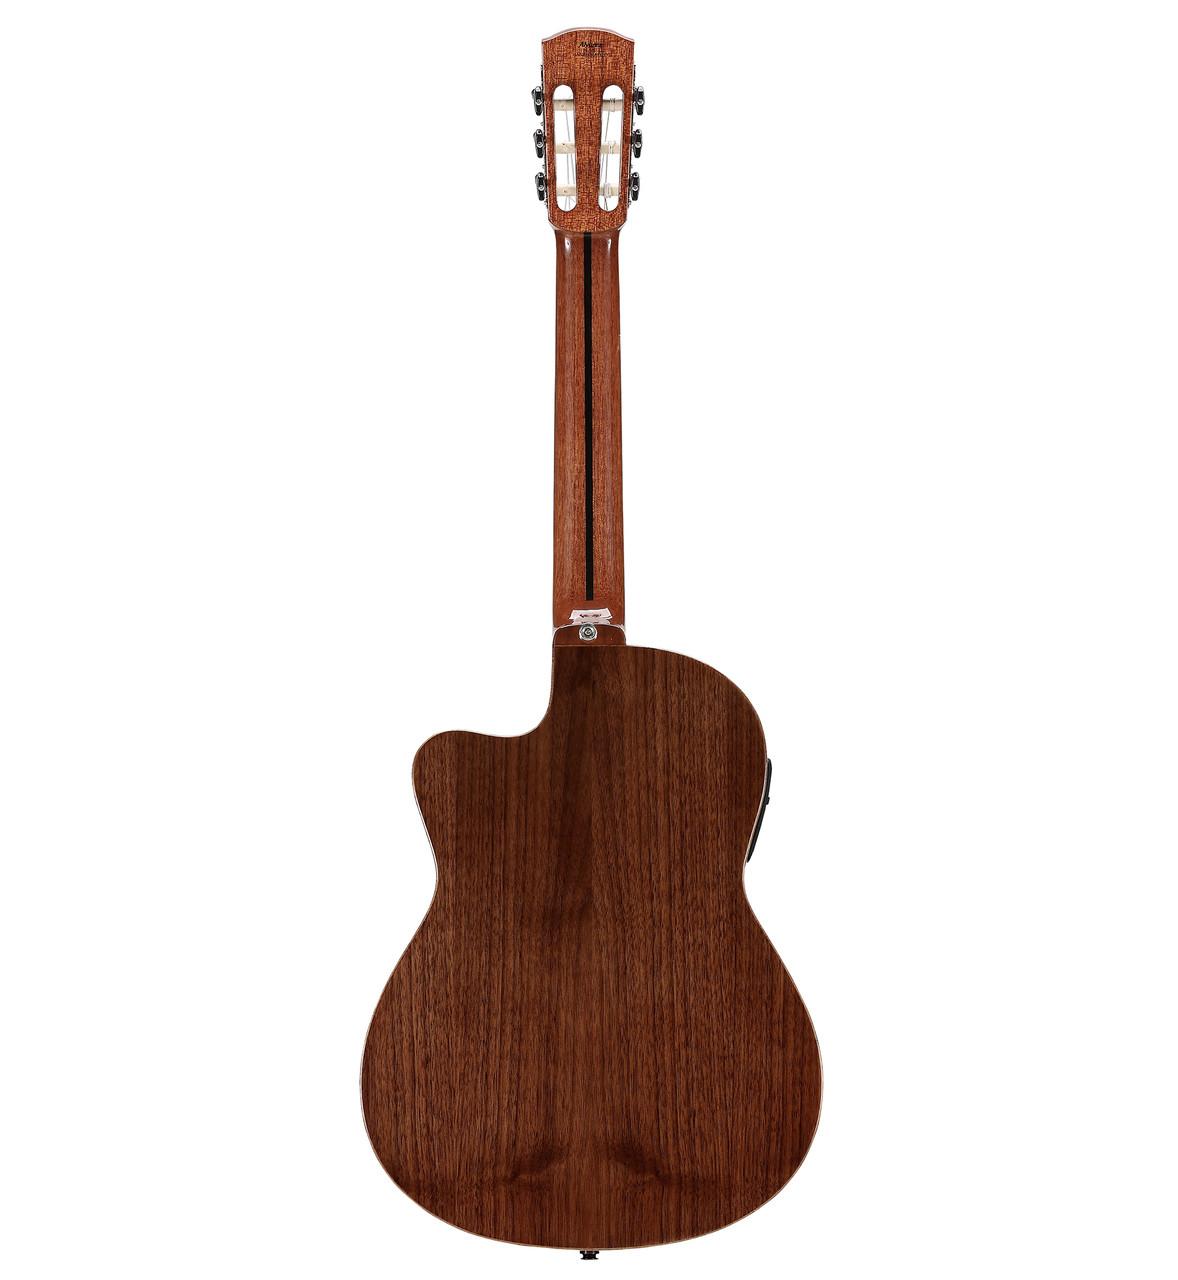 Alvarez Cadiz CC7CE Concert Classical Acoustic Electric Guitar